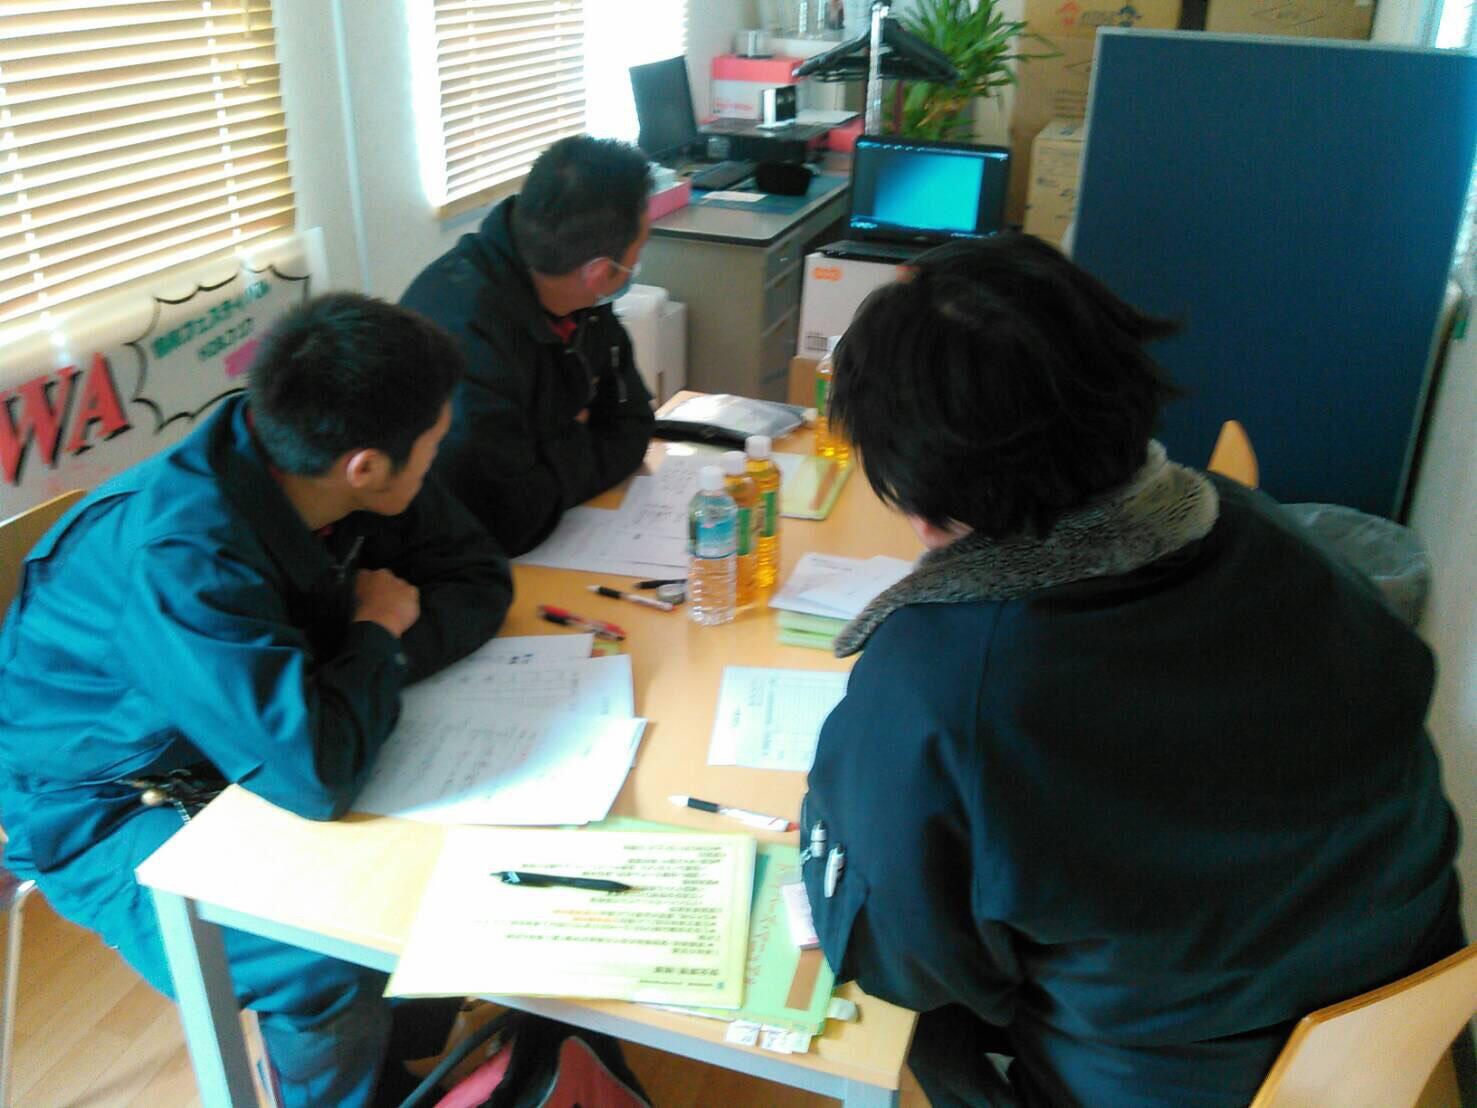 社員を社内研修や外部研修に積極的に参加させ、社員の成長を応援しています。